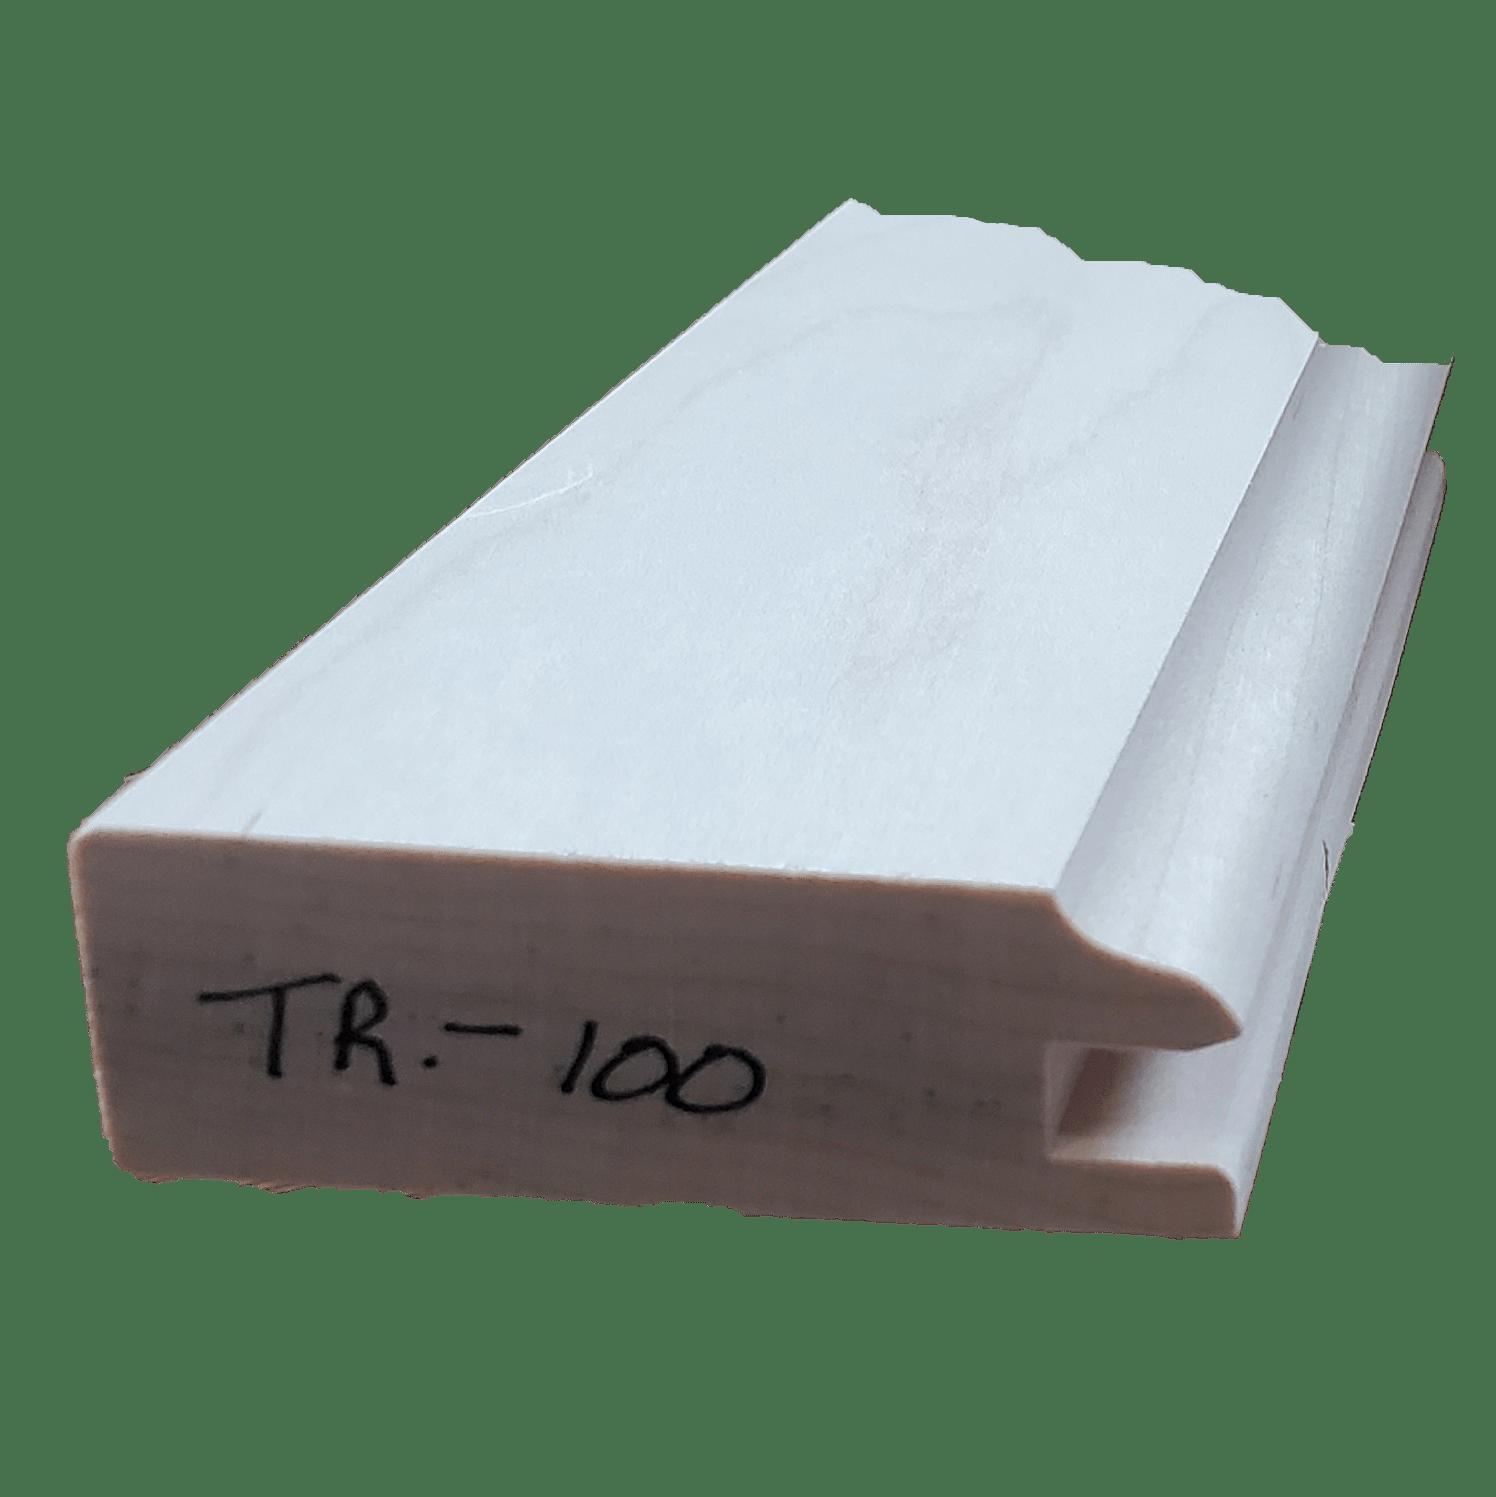 P T R 100